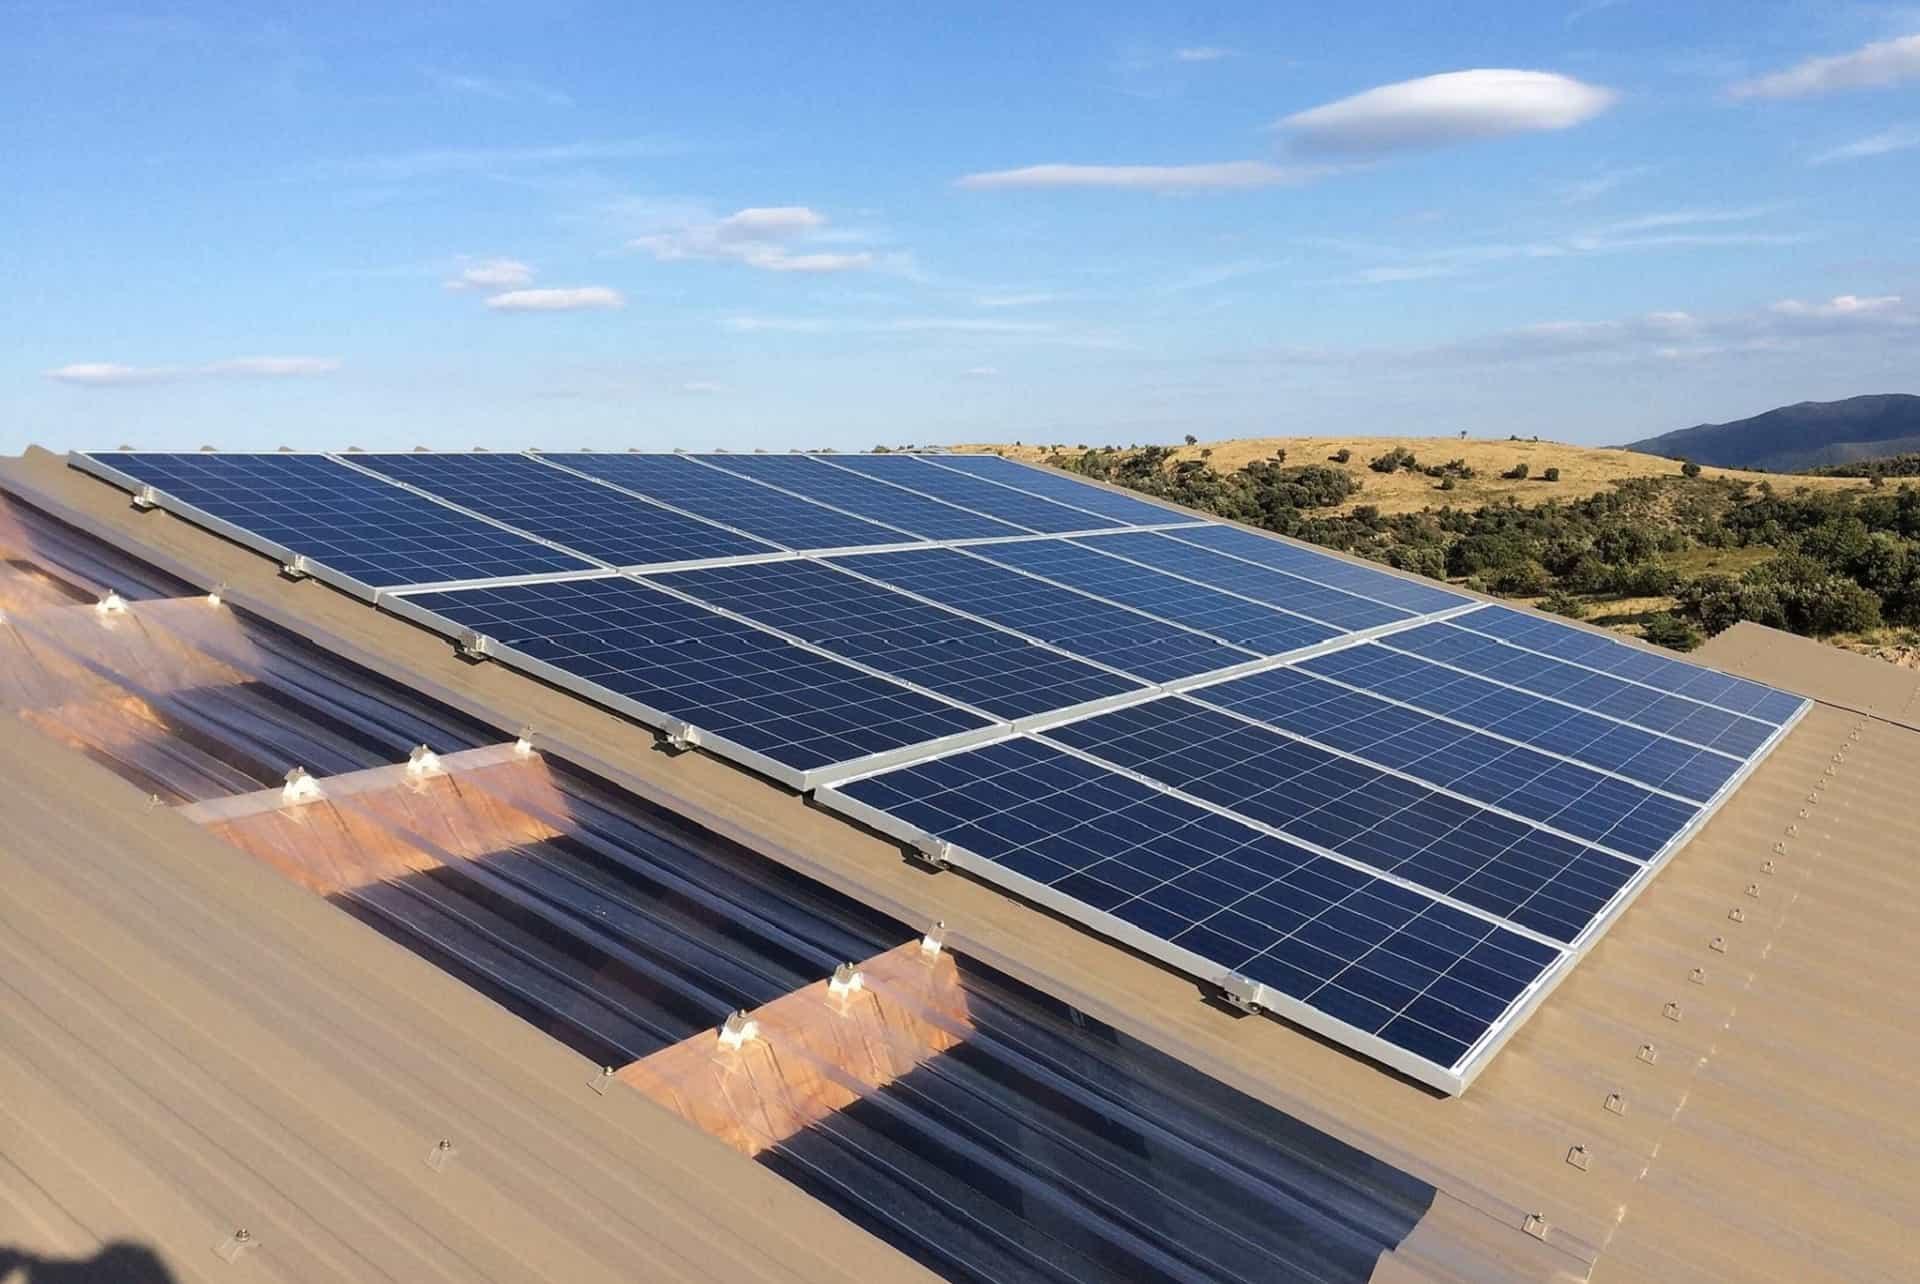 Nettoyage photovoltaïque / Panneaux solaires